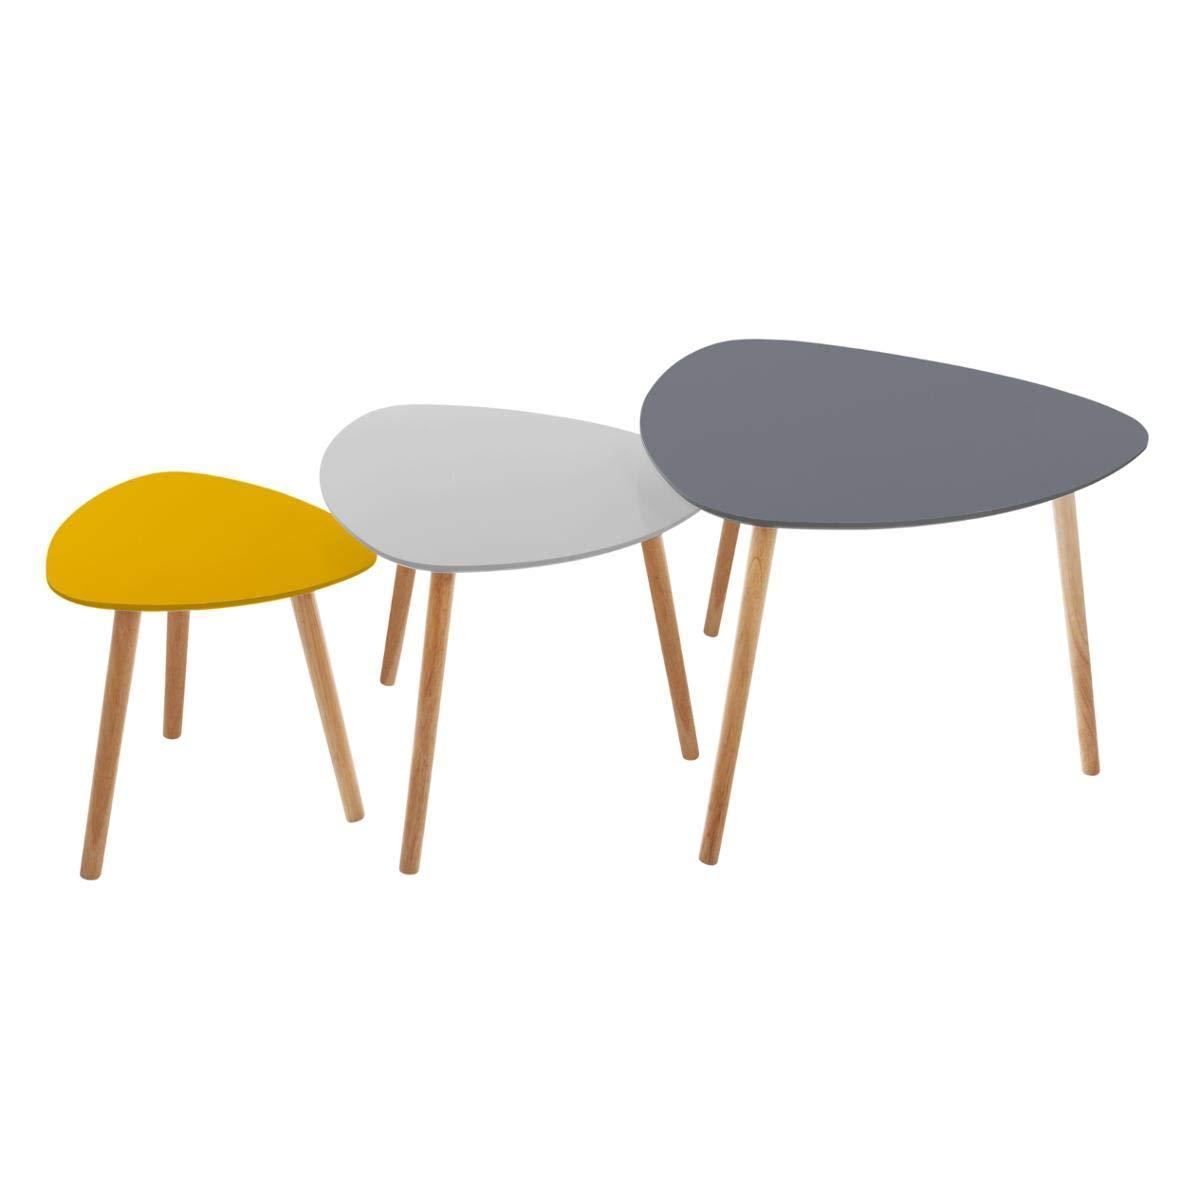 Atmosphera Set di 3 tavolini da caffè sovrapponibili – Stile scandinavo – 3 Colori Diversi: Grigio Scuro, Grigio Chiaro e Giallo Senape